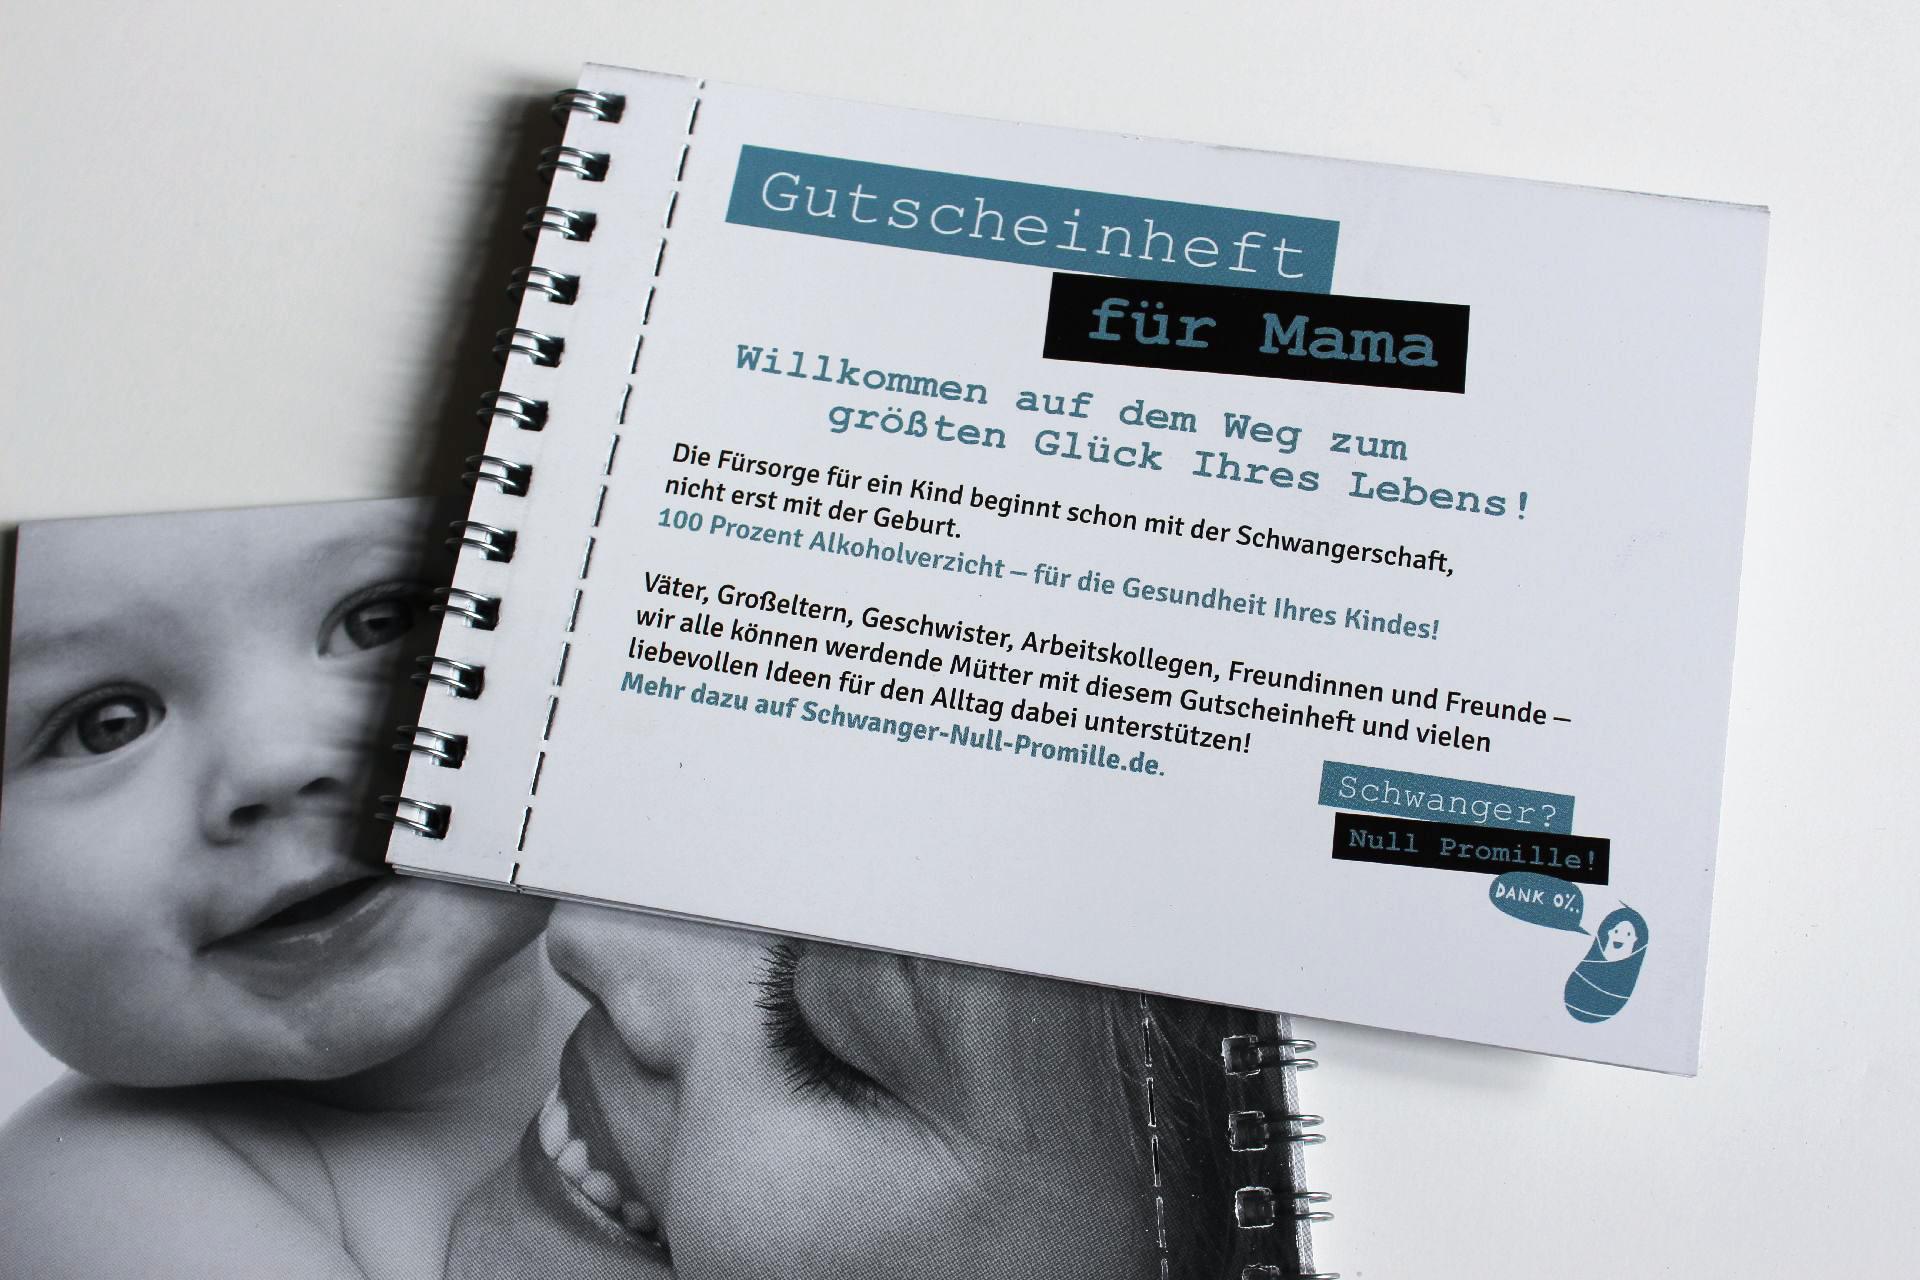 SCHWANGER-NULL-PROMILLE-Gutscheinheft-1920x1280px-02